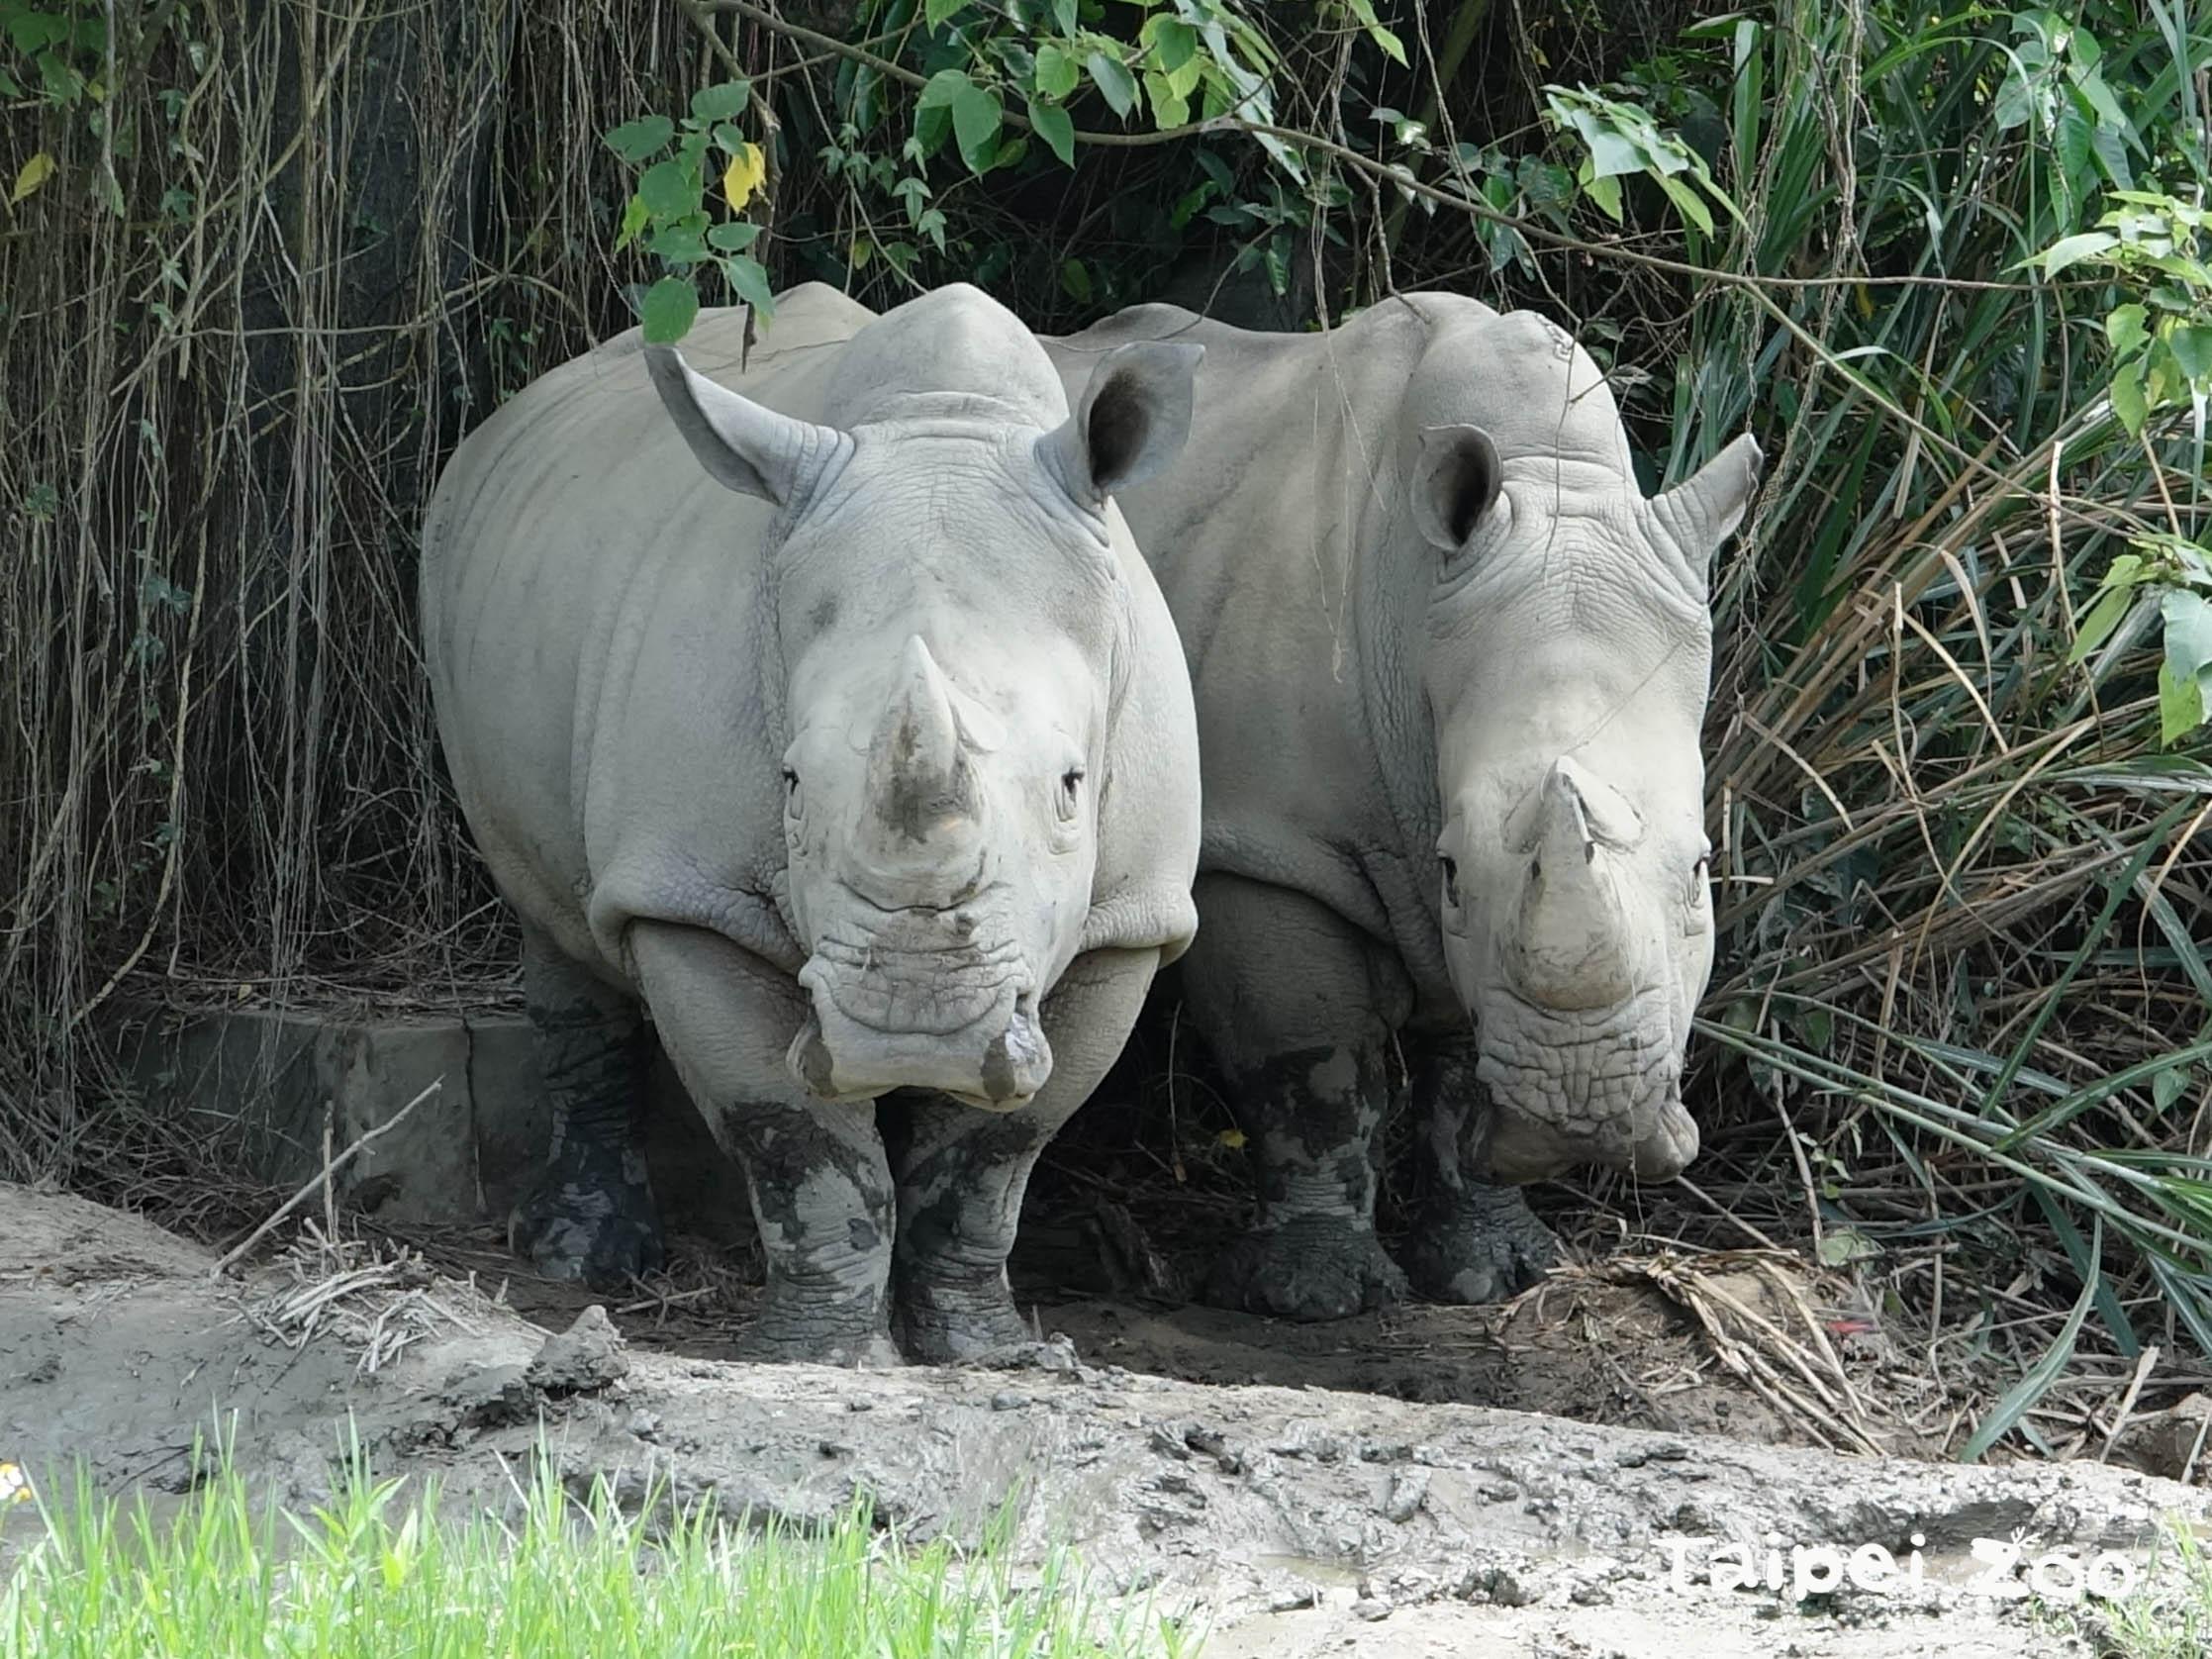 雖然政府及民間都積極投入犀牛保育工作,但至今成效有限,仍待持續努力